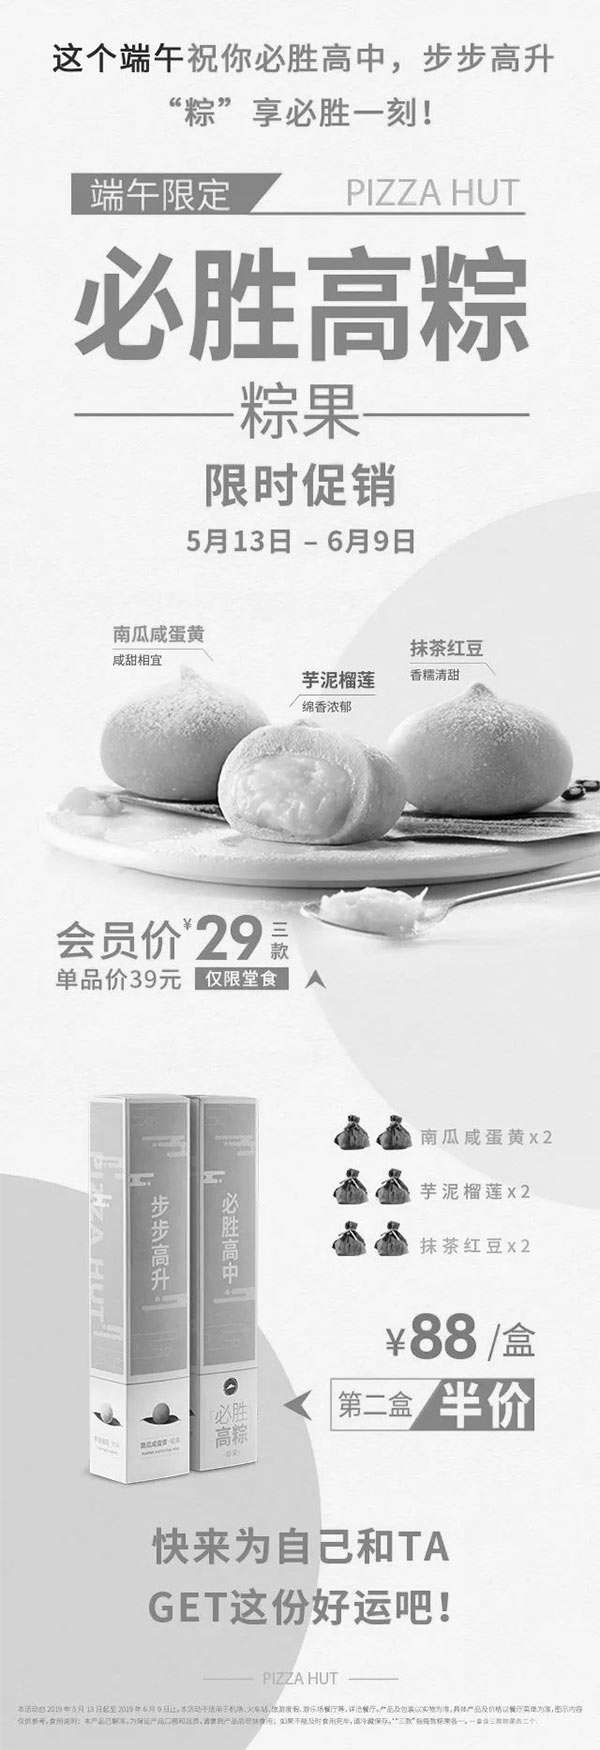 """黑白优惠券图片:必胜客2019端午节必胜高""""粽""""第二盒半价 - www.5ikfc.com"""